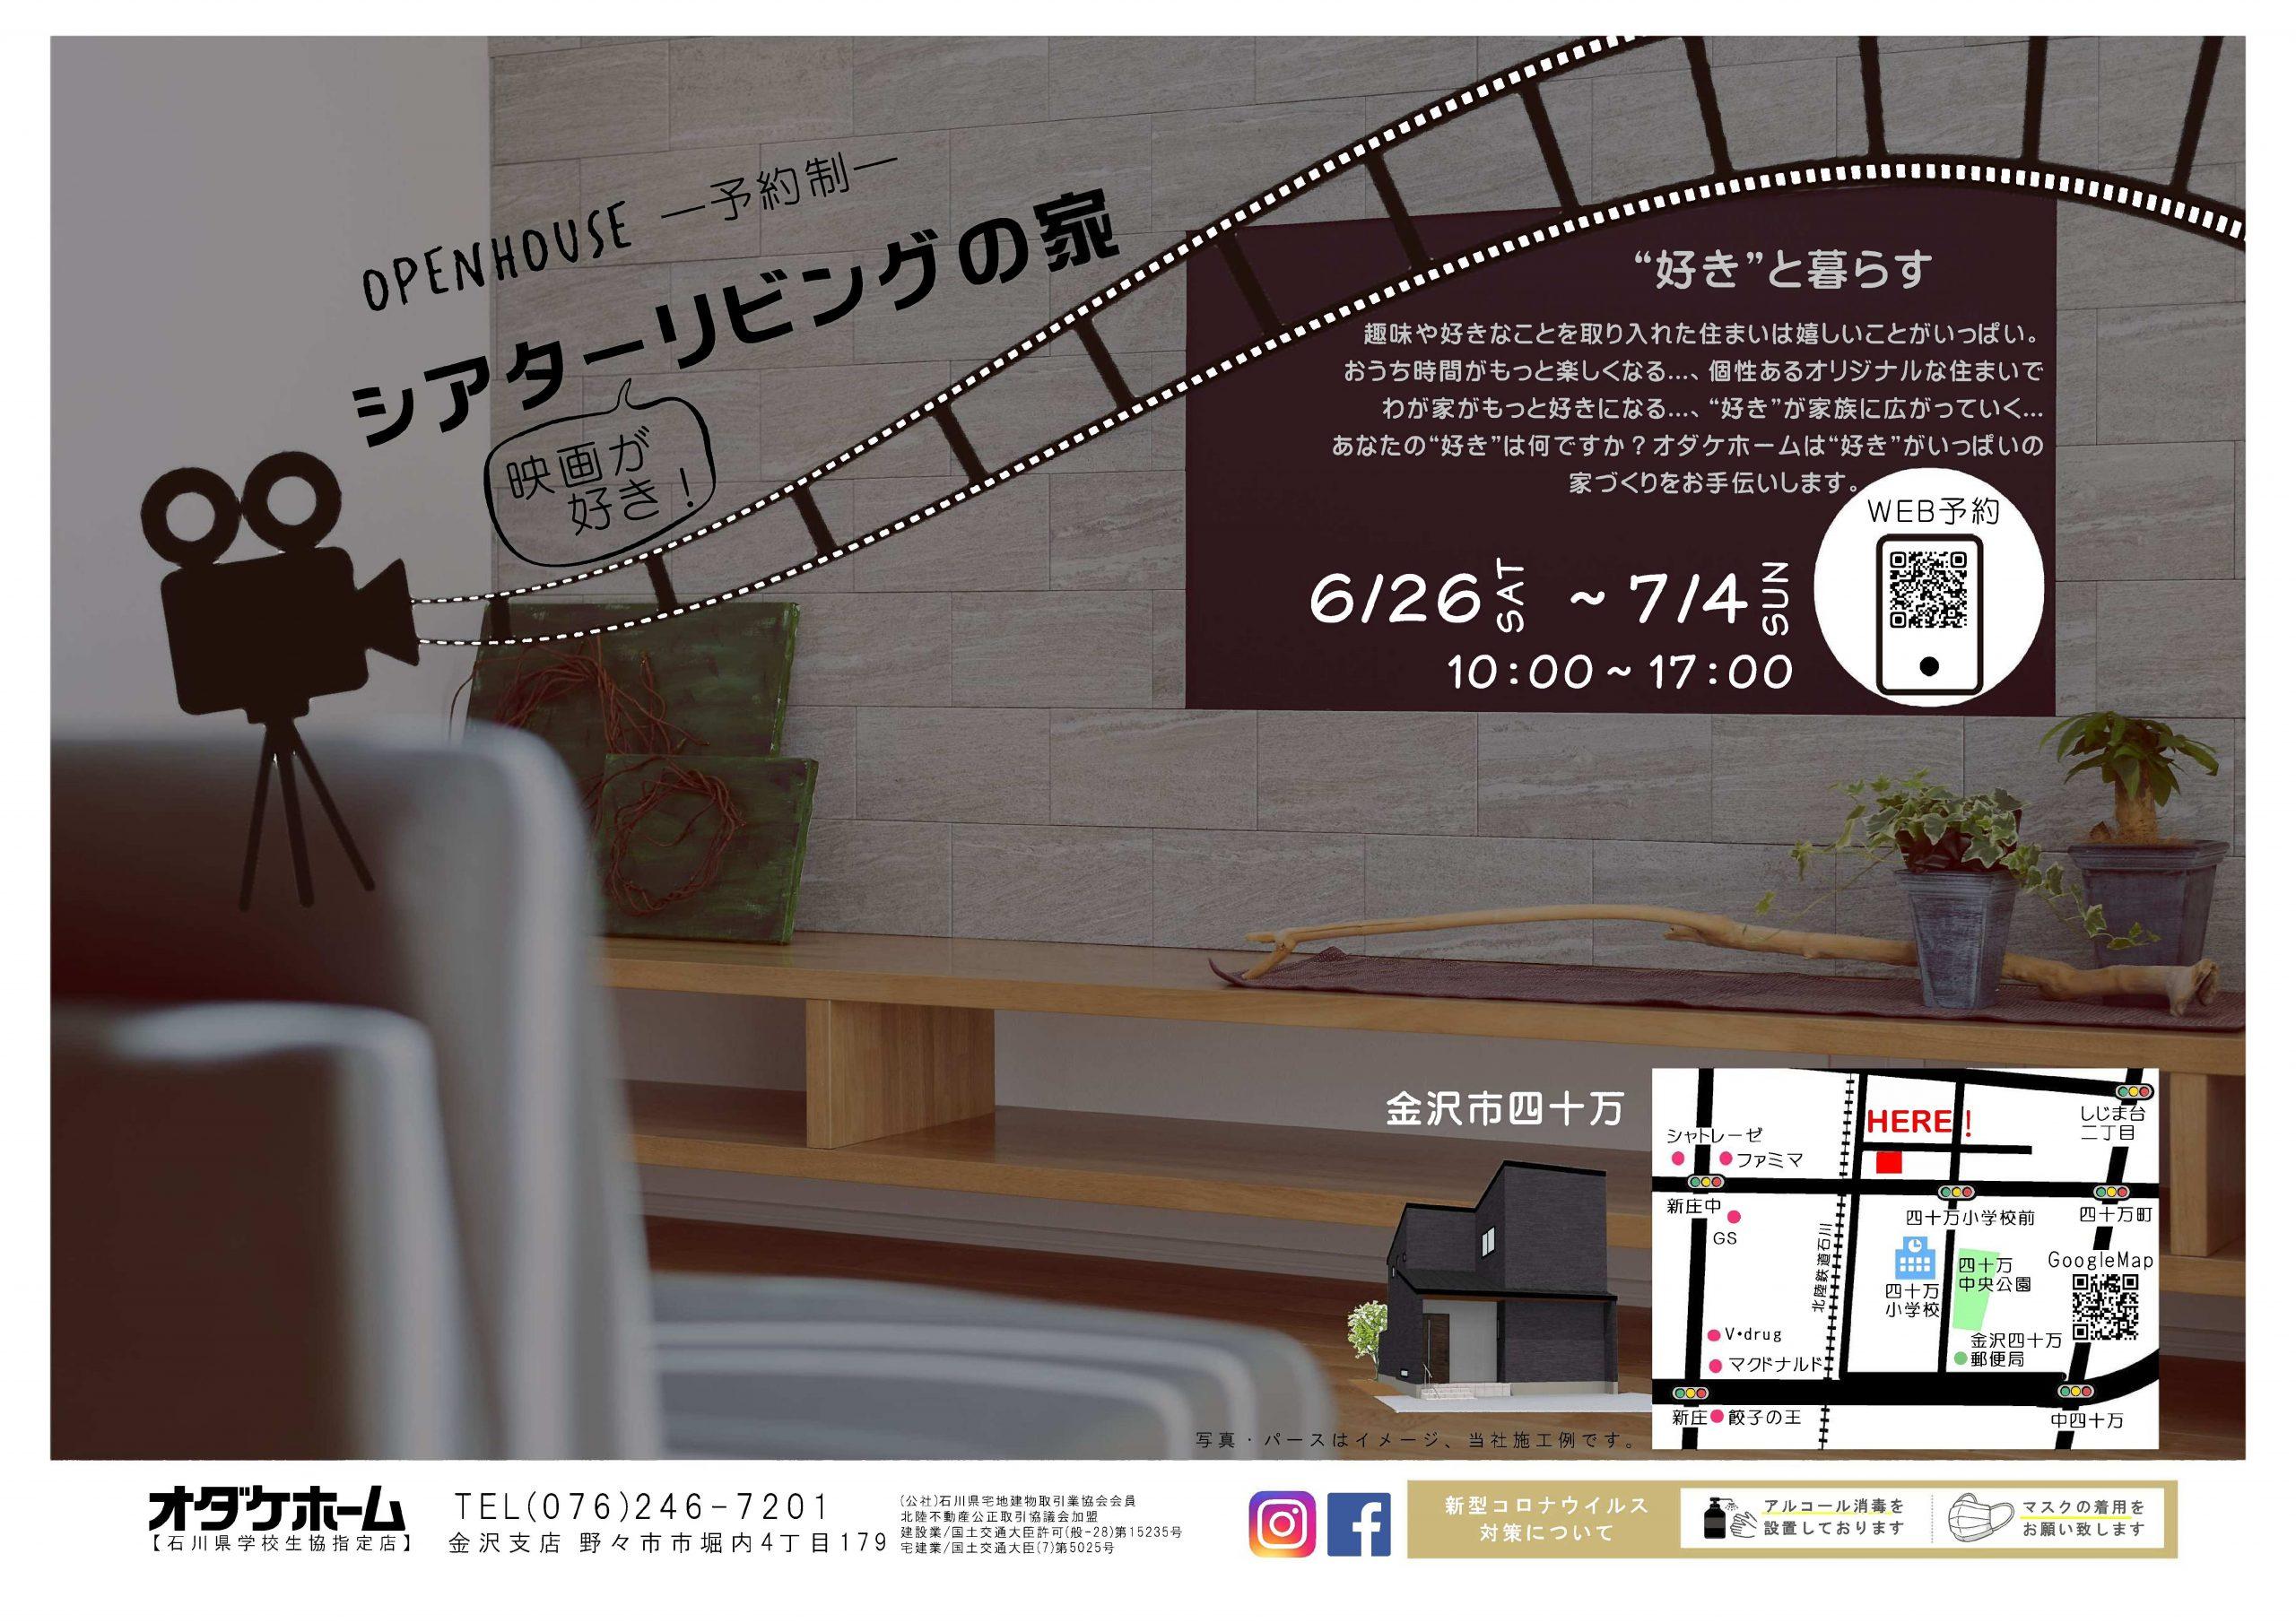 6/26(土)~7/4(日)金沢市四十万注文住宅見学会【予約制】